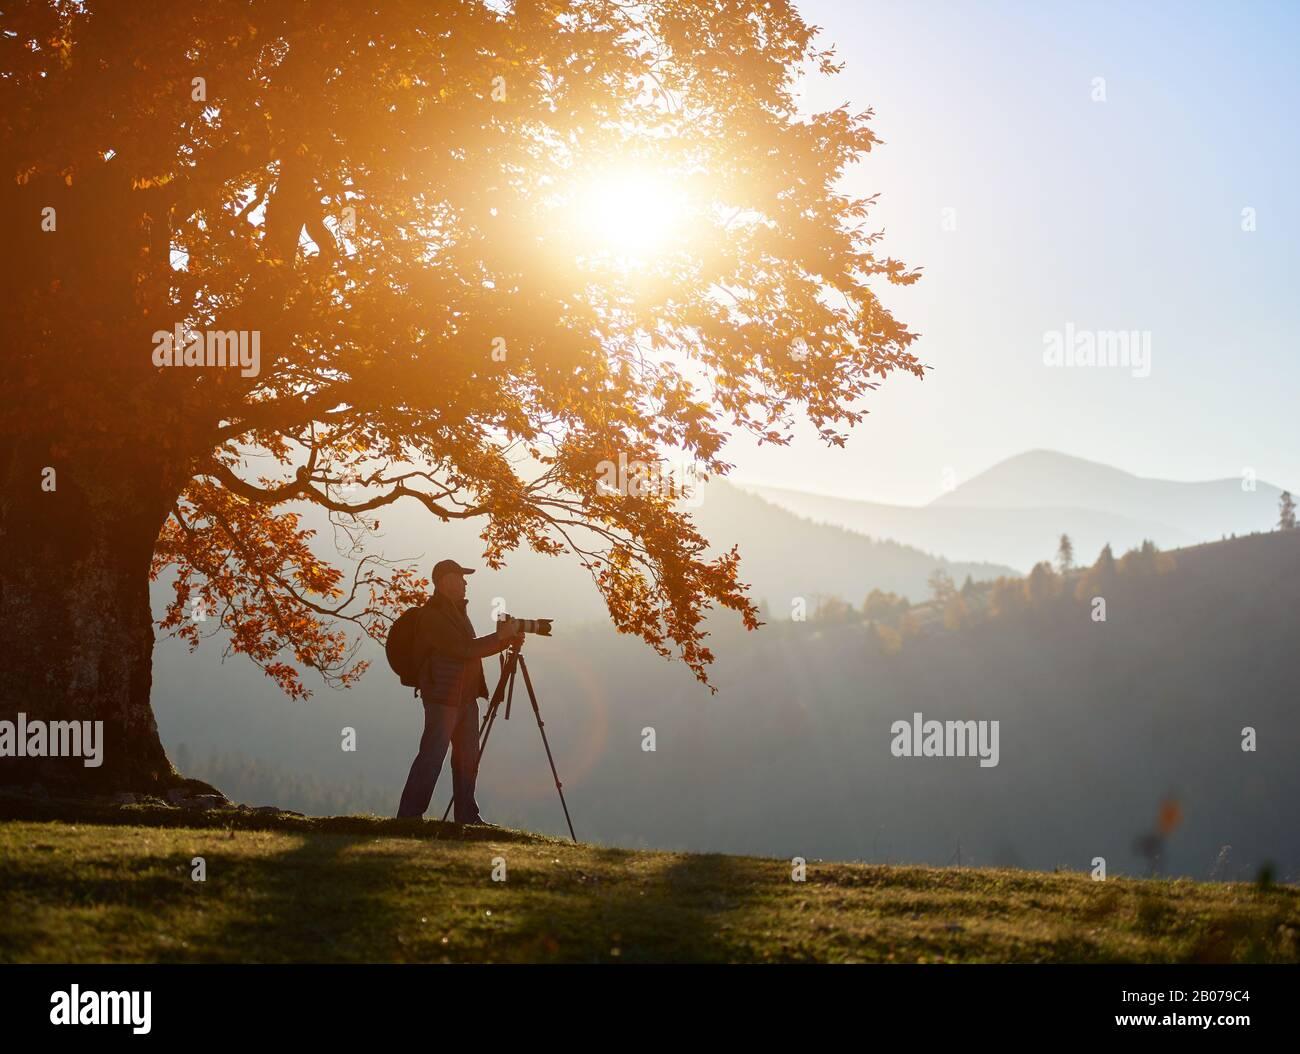 Photographe touristique masculin avec sac à dos, trépied et appareil photo professionnel debout sous un grand arbre en chêne avec des feuilles dorées sur le paysage boisé des montagnes brumeuses et le soleil brillant sur fond bleu ciel. Banque D'Images